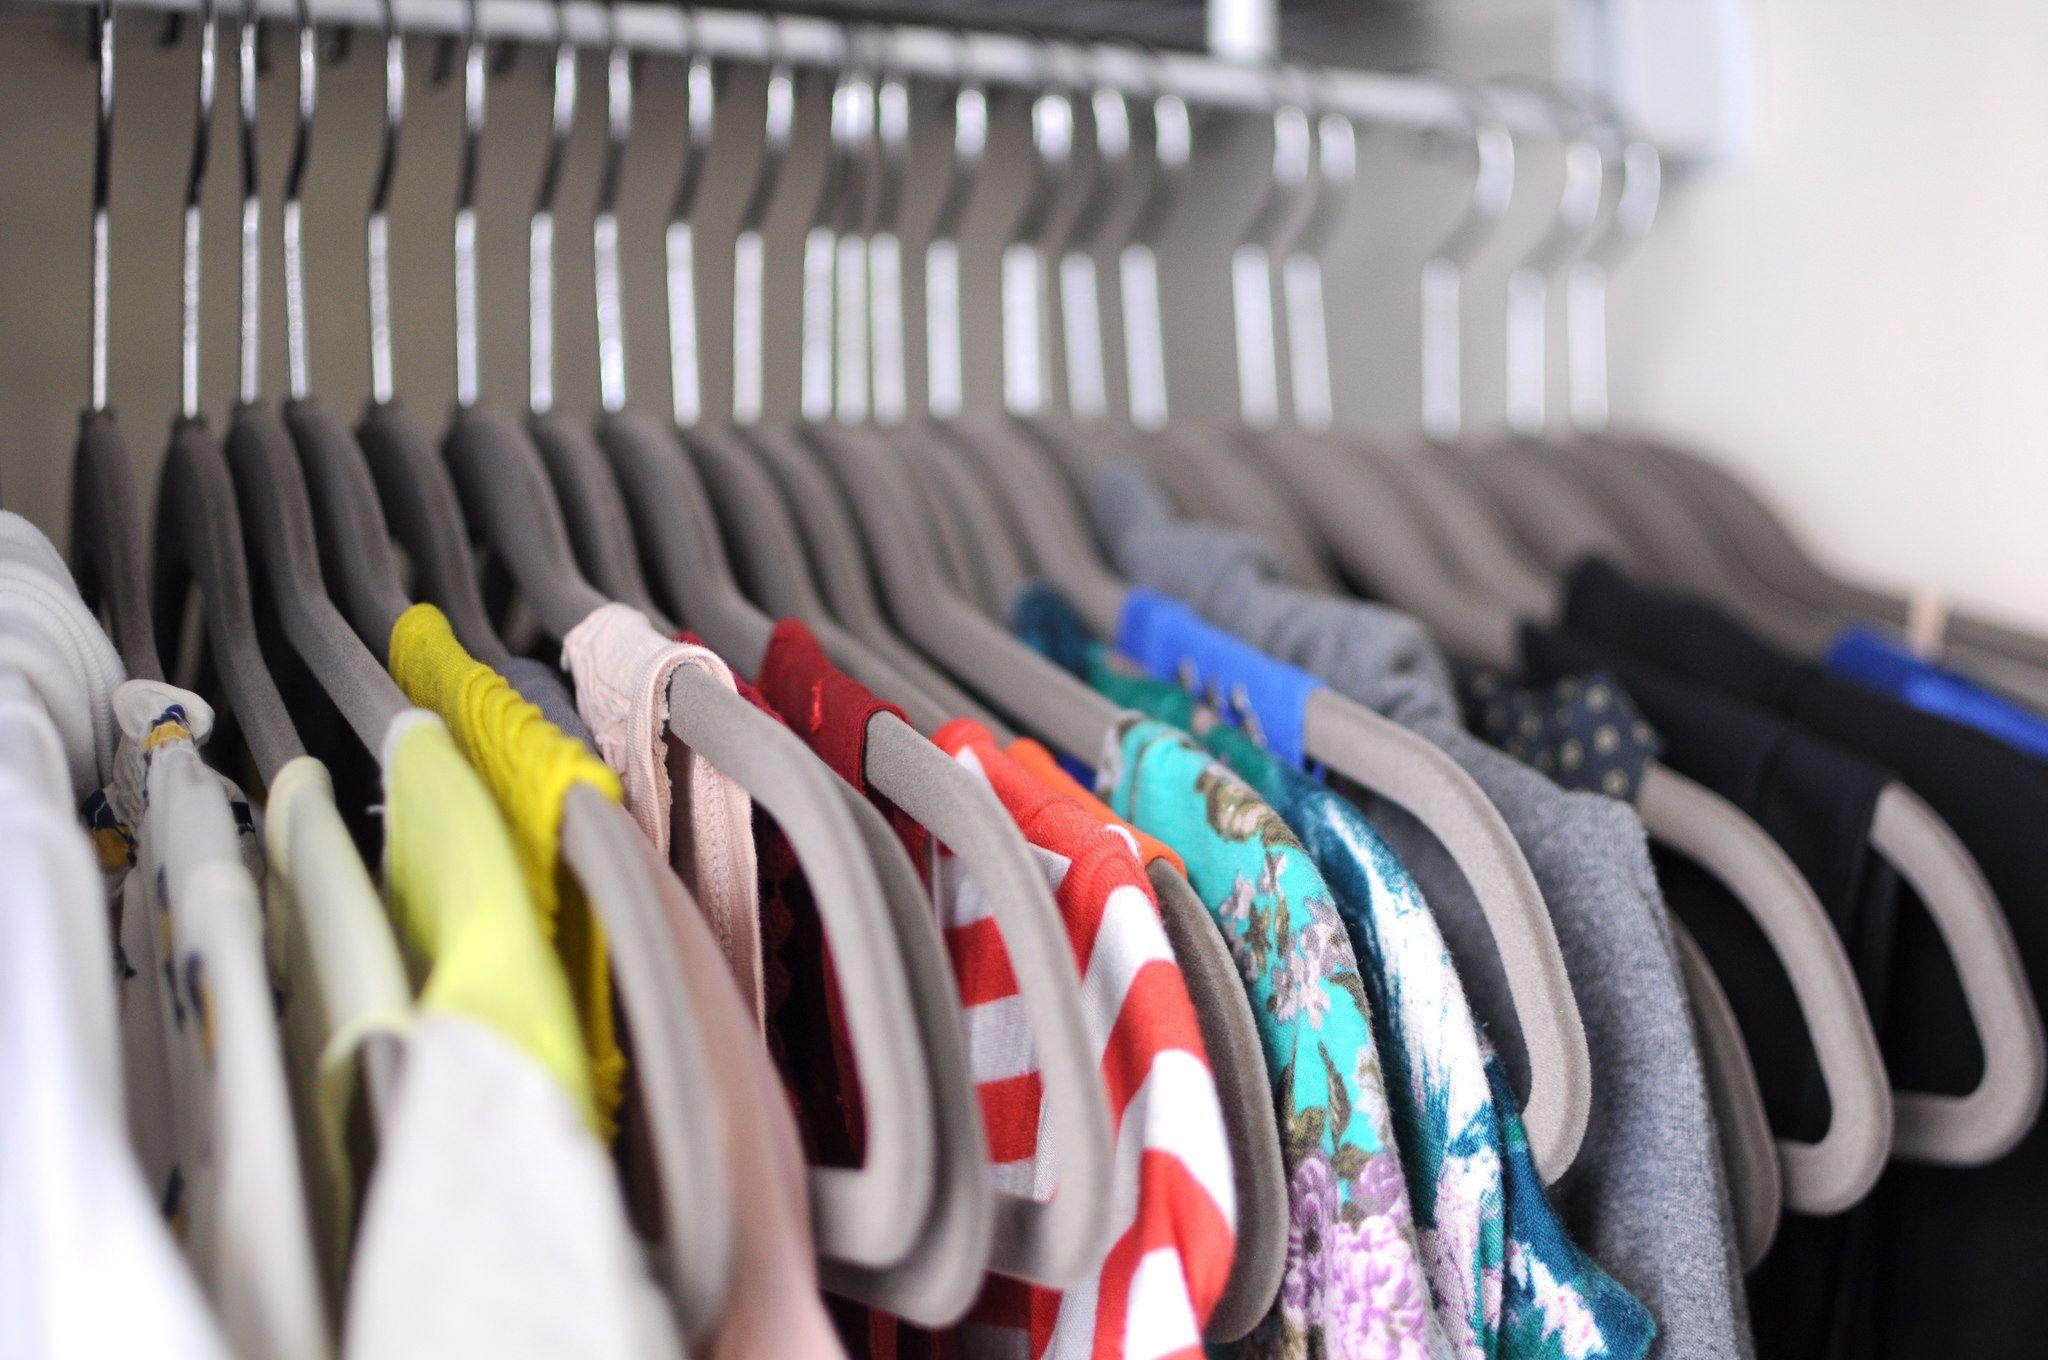 6 segreti per sistemare i difetti ai vestiti indossati